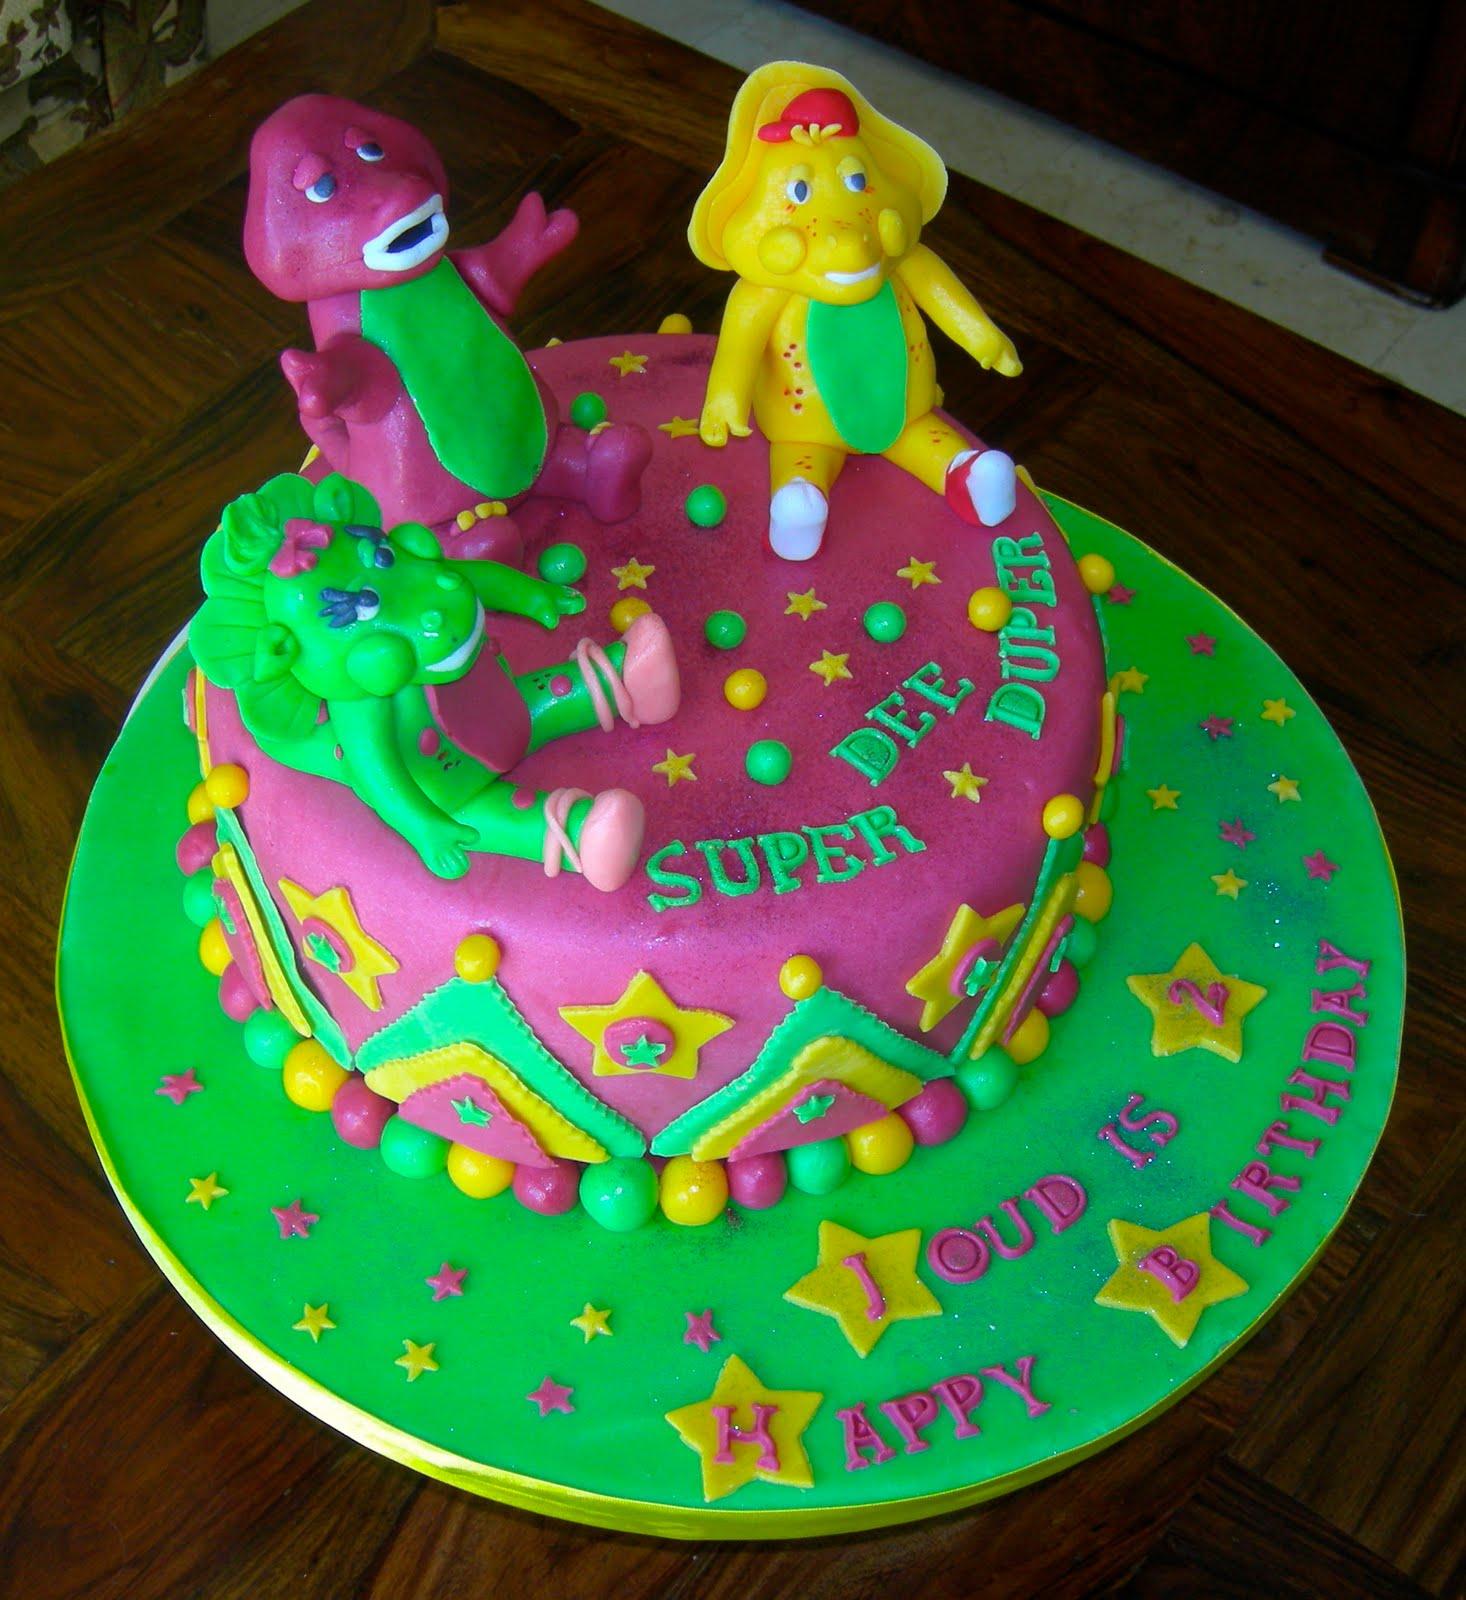 Marvelous Barney Cakes Decoration Ideas Little Birthday Cakes Personalised Birthday Cards Xaembasilily Jamesorg